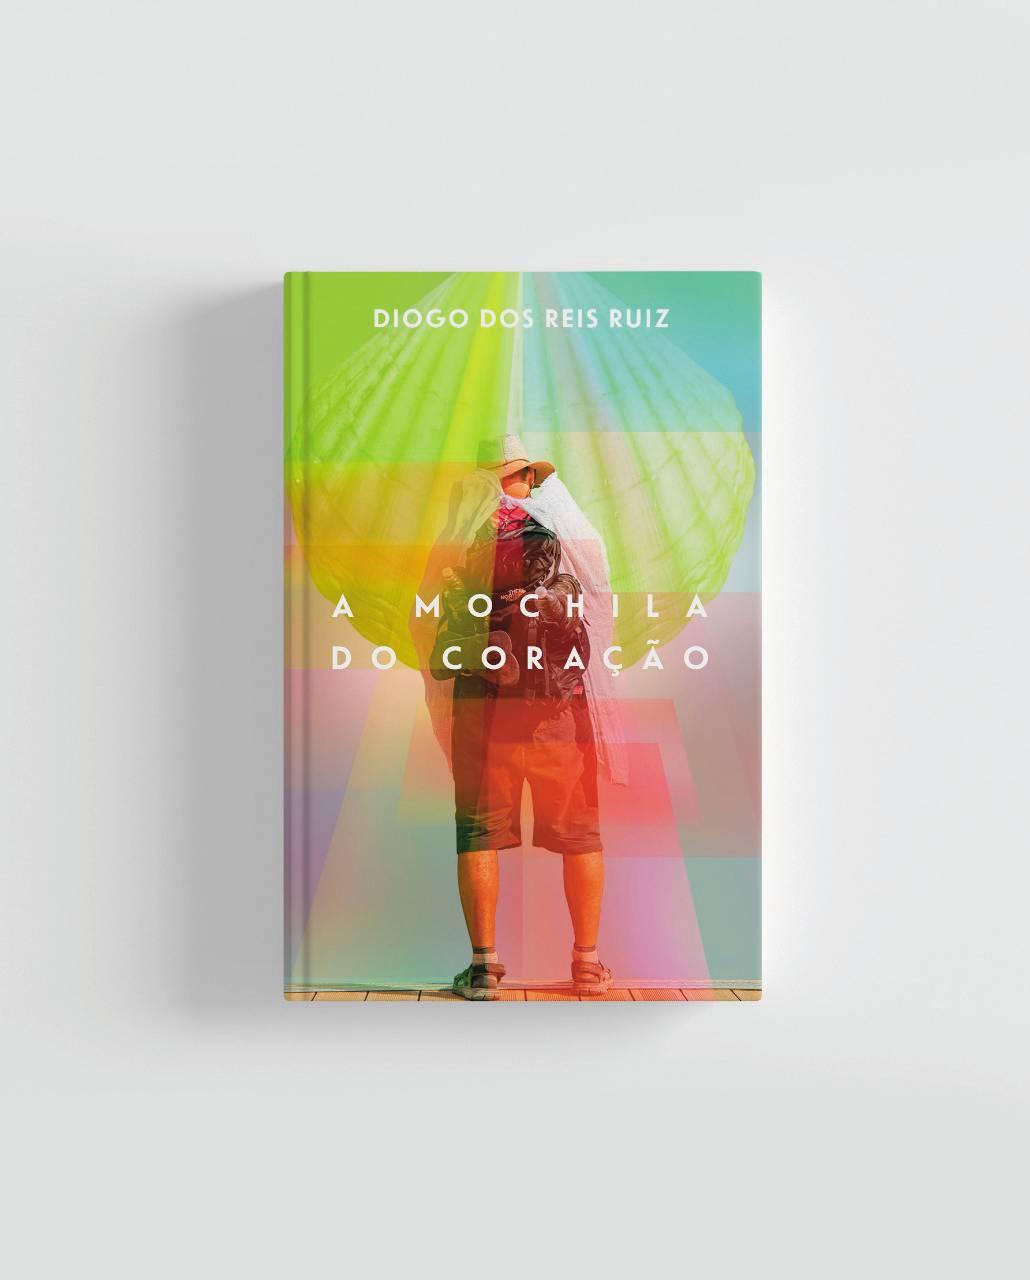 Livro de Diogo dos Reis Ruiz é uma das dicas culturais da vez.